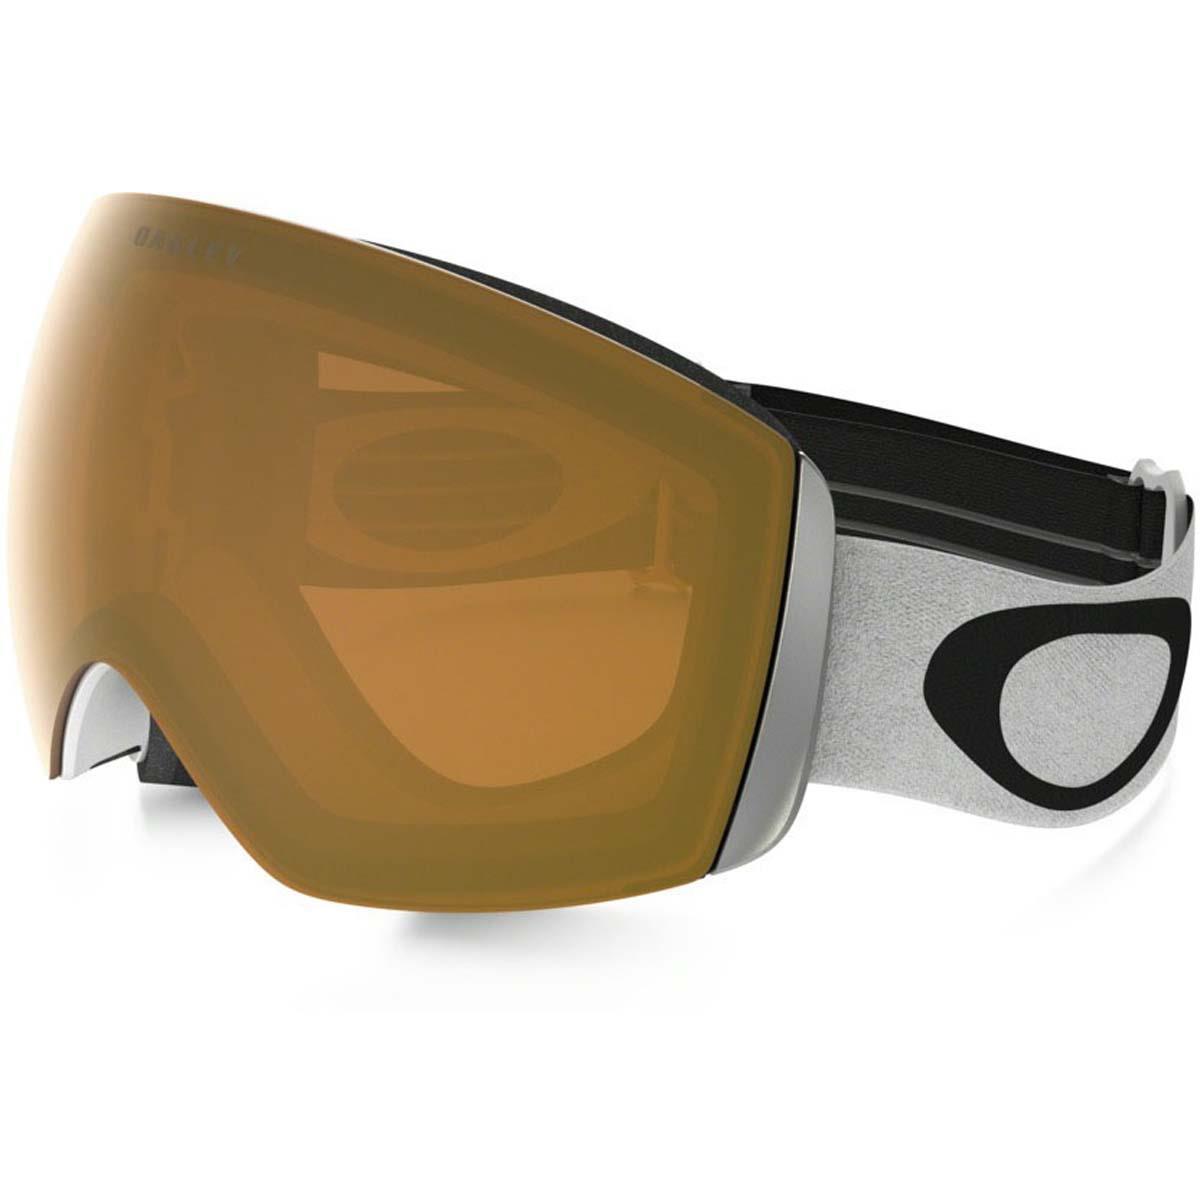 a02b098b7de3 Oakley Flight Deck Goggle